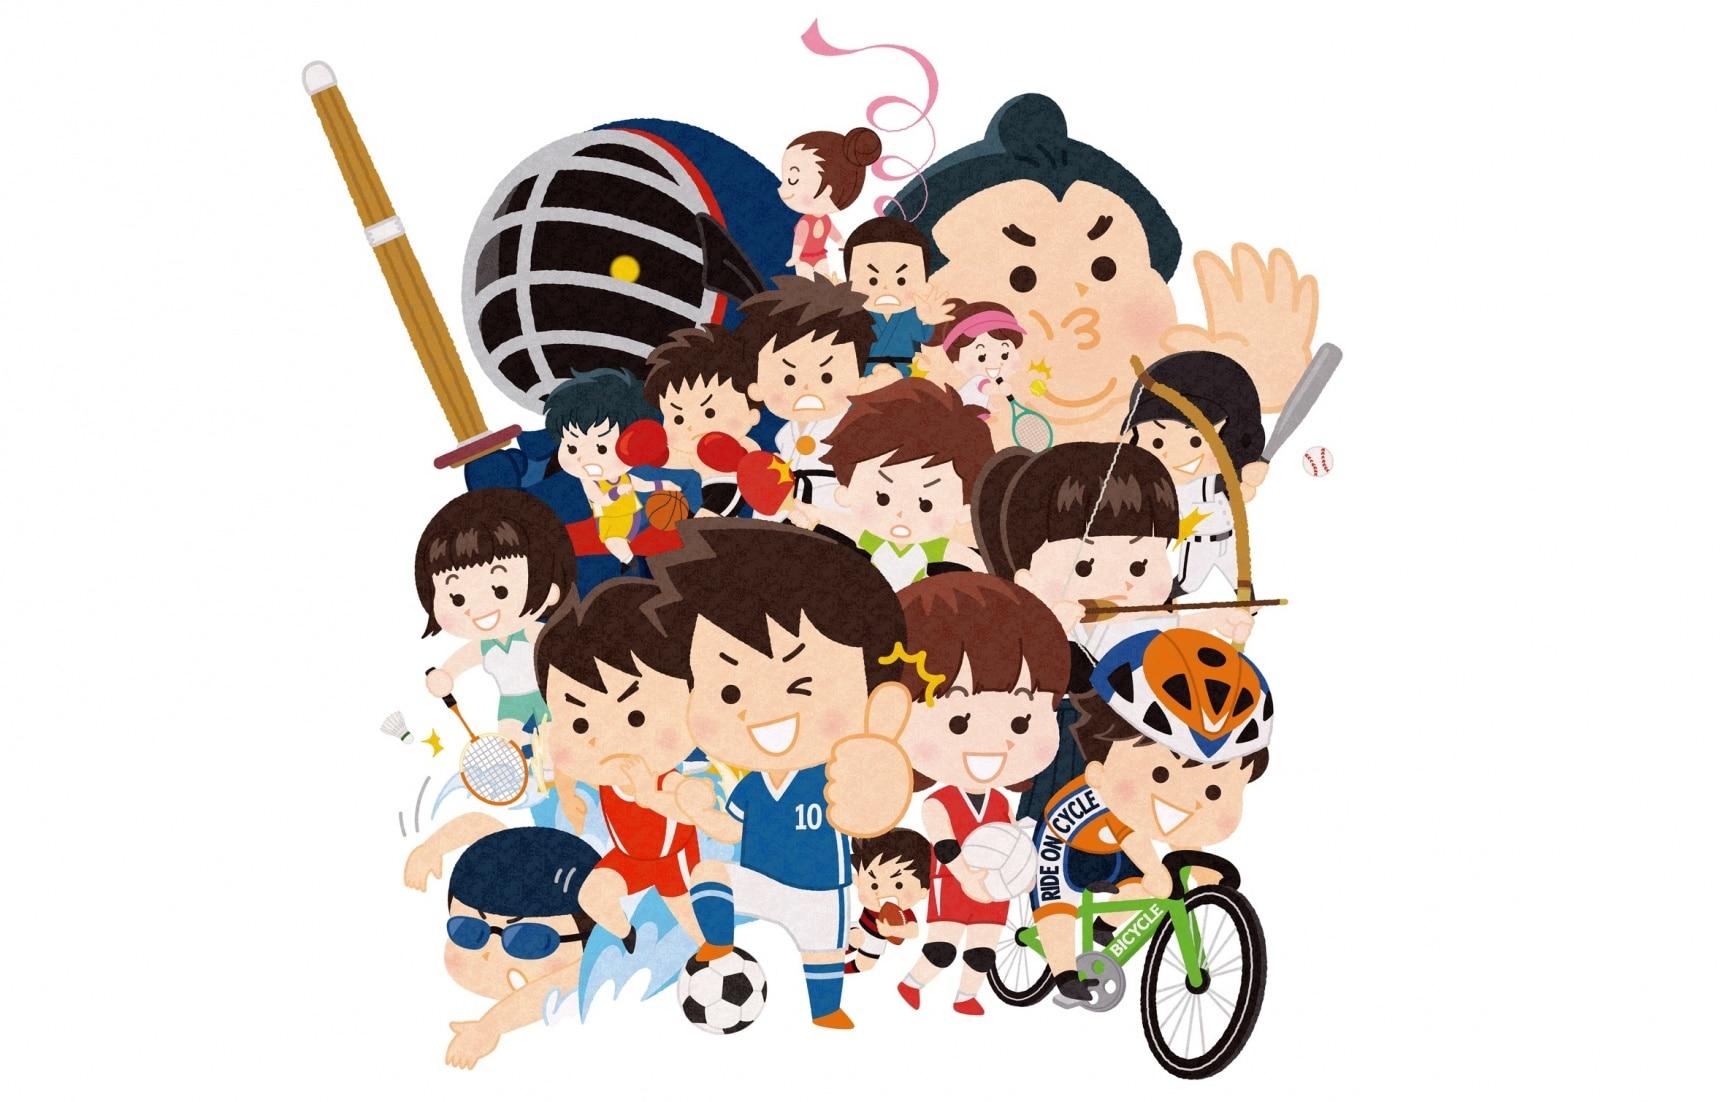 ไปดูกีฬาที่ญี่ปุ่นกันเถอะ